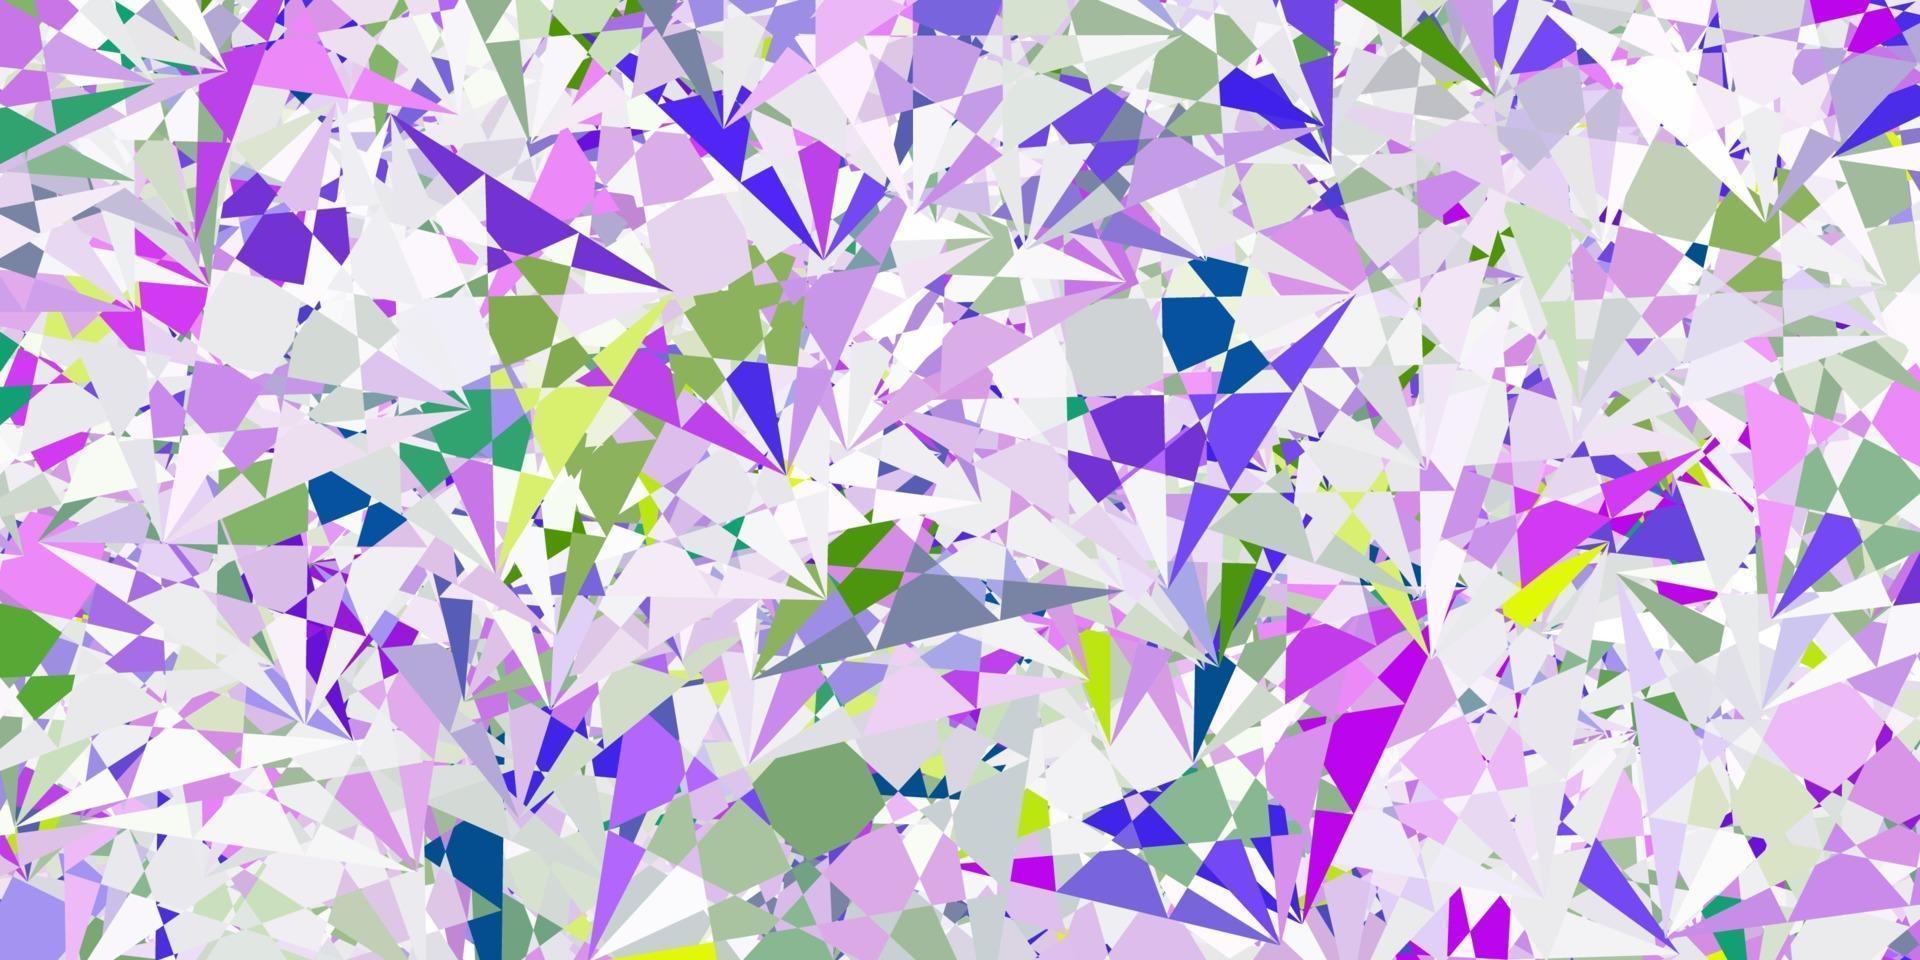 modèle vectoriel rose clair et vert avec des formes triangulaires.